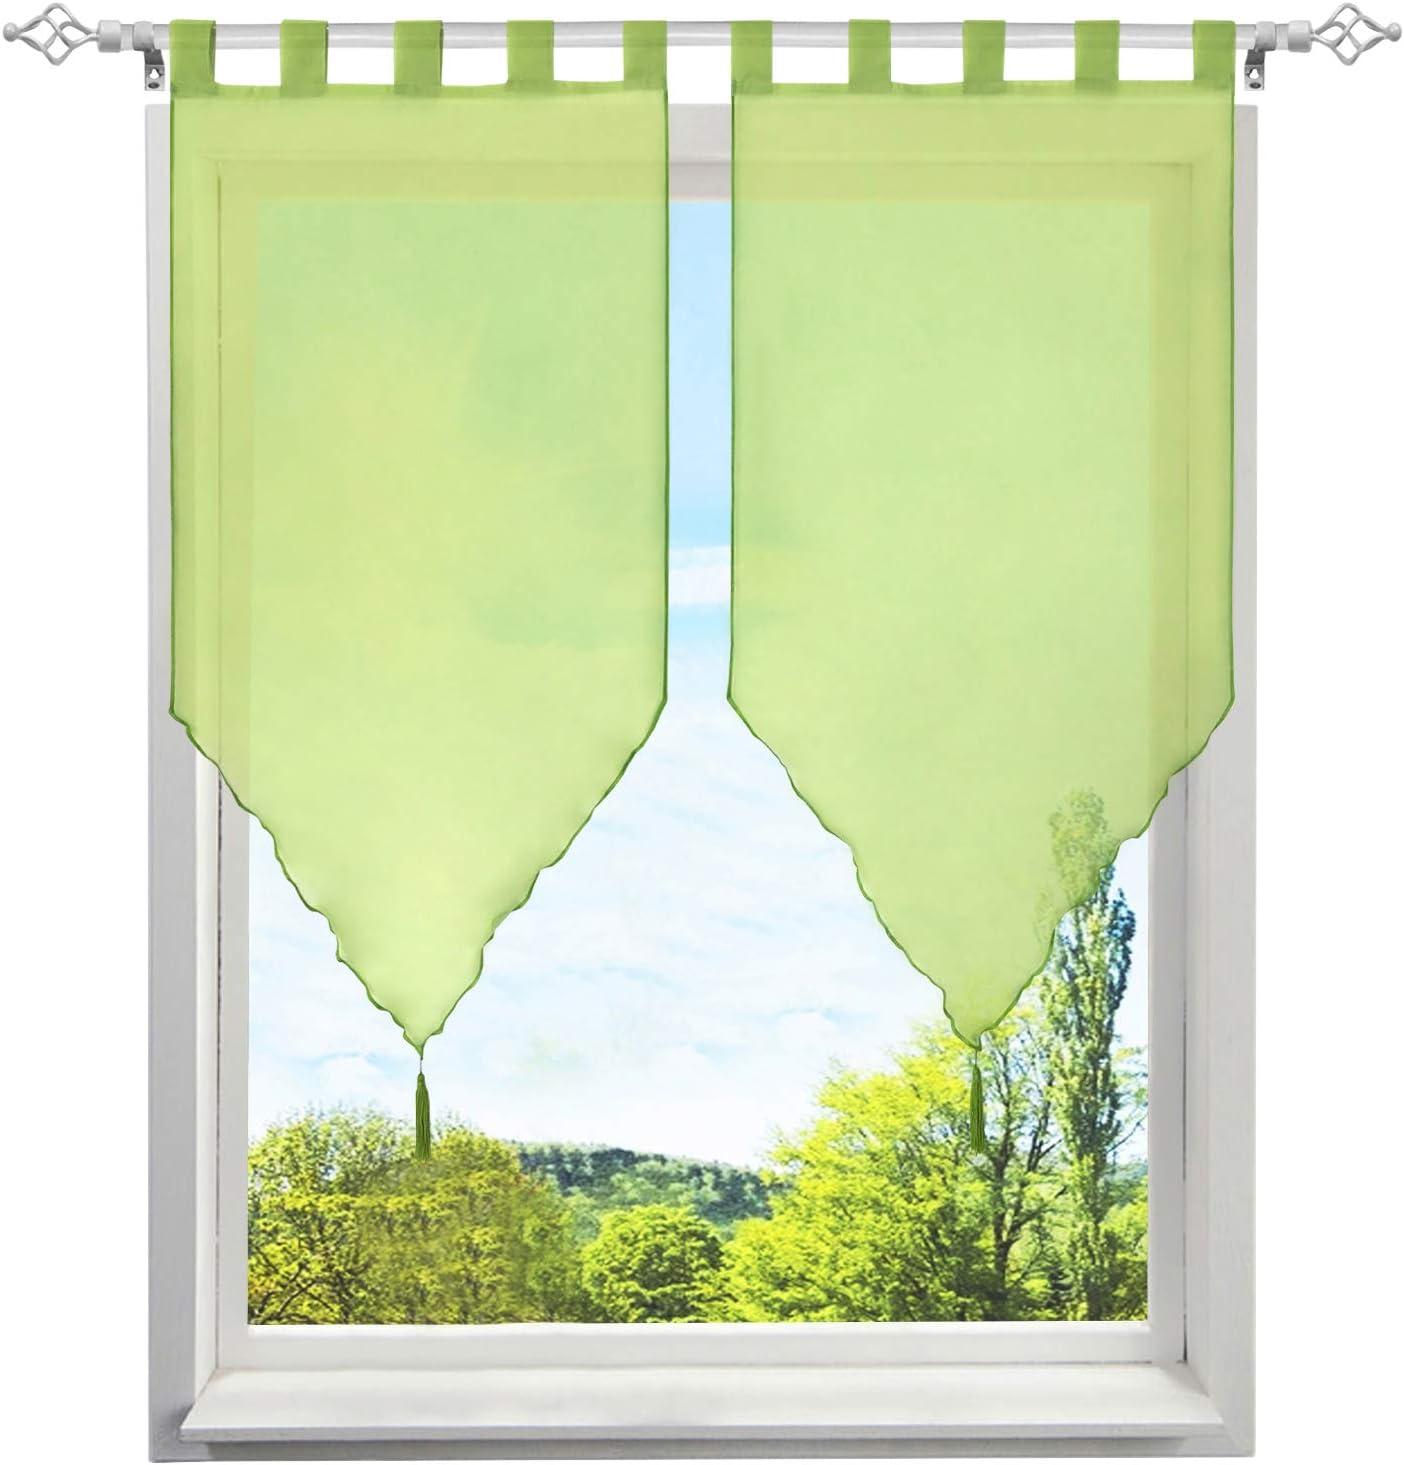 BAILEY JO 2 Pi/èces Rideaux Voilages Brise-bises Transparent LxH//45x90CM Couleur Uni avec Pompon D/écoration de fen/être Chambre Cuisine Caf/é Beige-Pattes